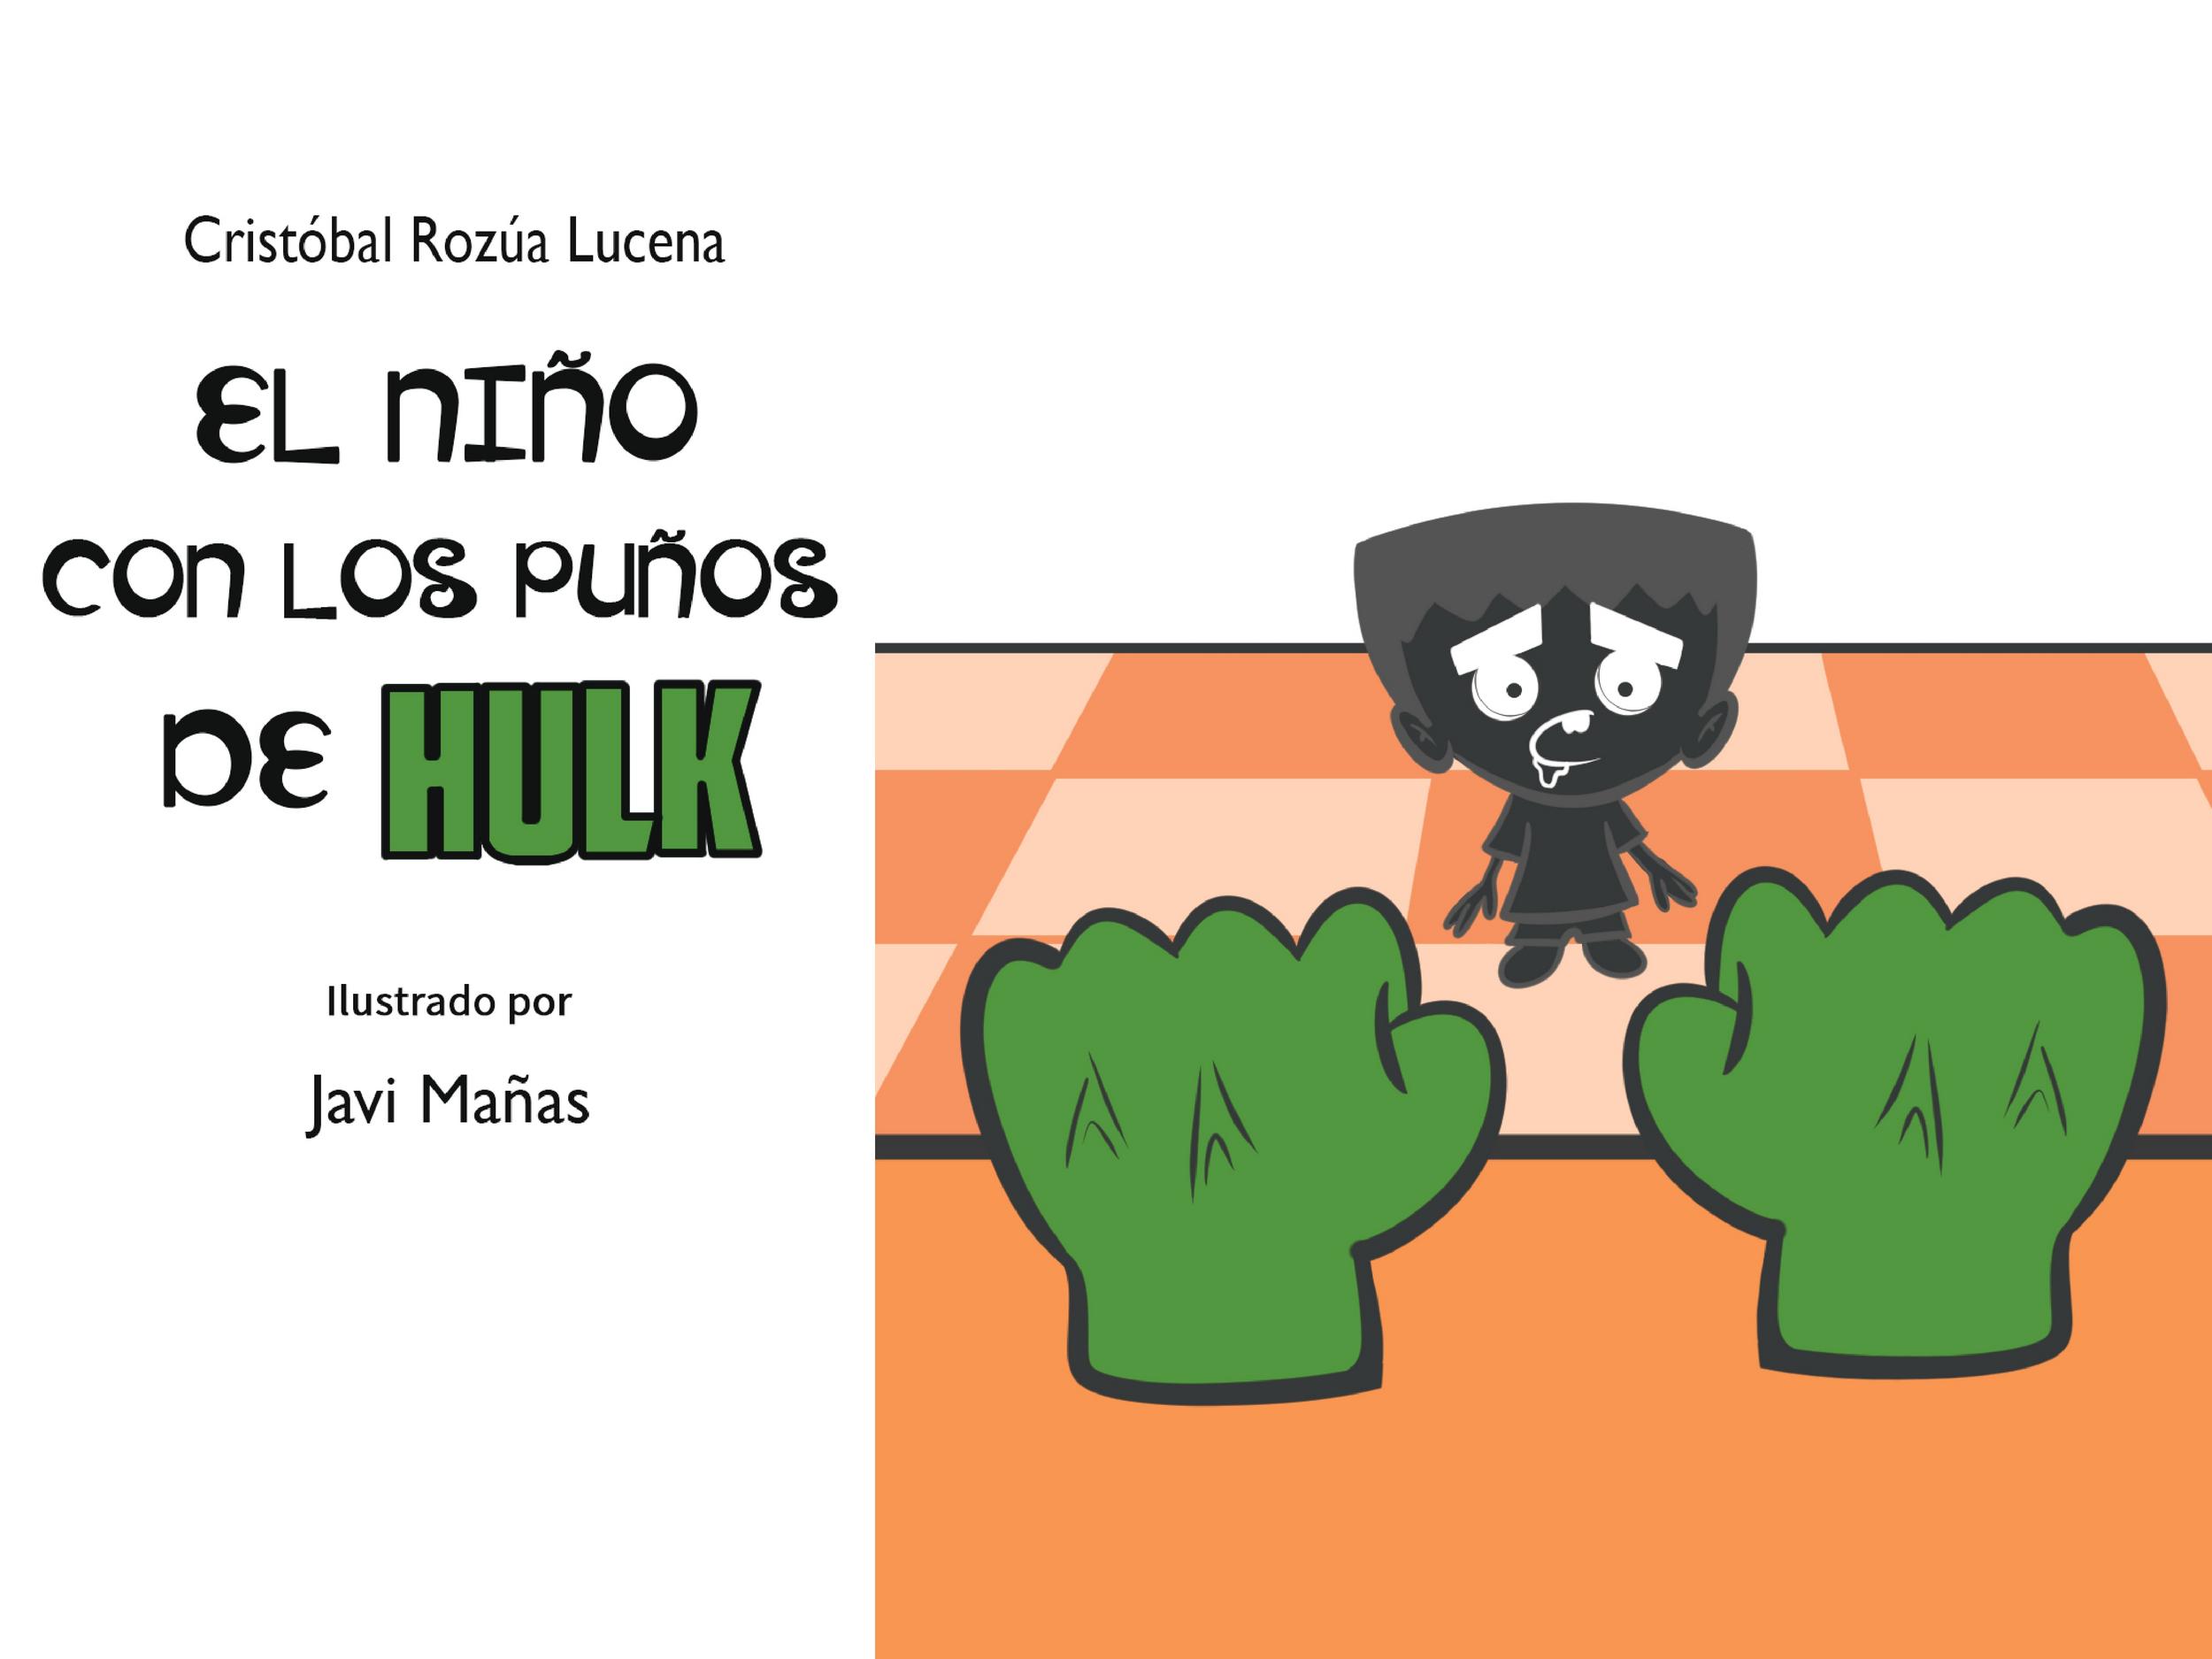 El_niño_puños_Hulk_Javi_Fernandez_Mañas_El niño con los puños de Hulk_page-0001_2500_0001